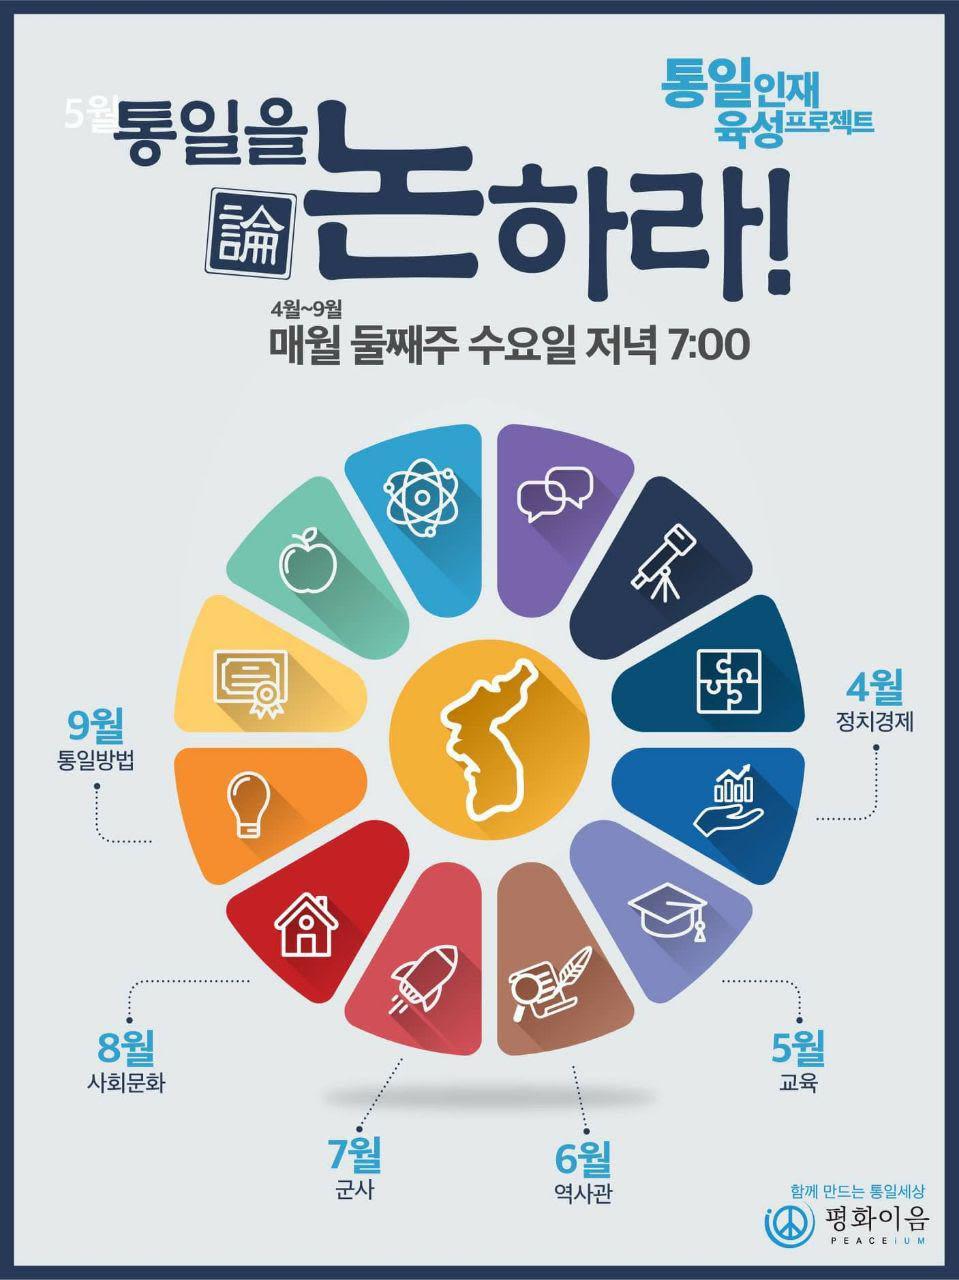 [함께만드는 통일세상 평화이음] 통일강국 준비를 위한 <통일인재육성 프로젝트> 참가자 대모집